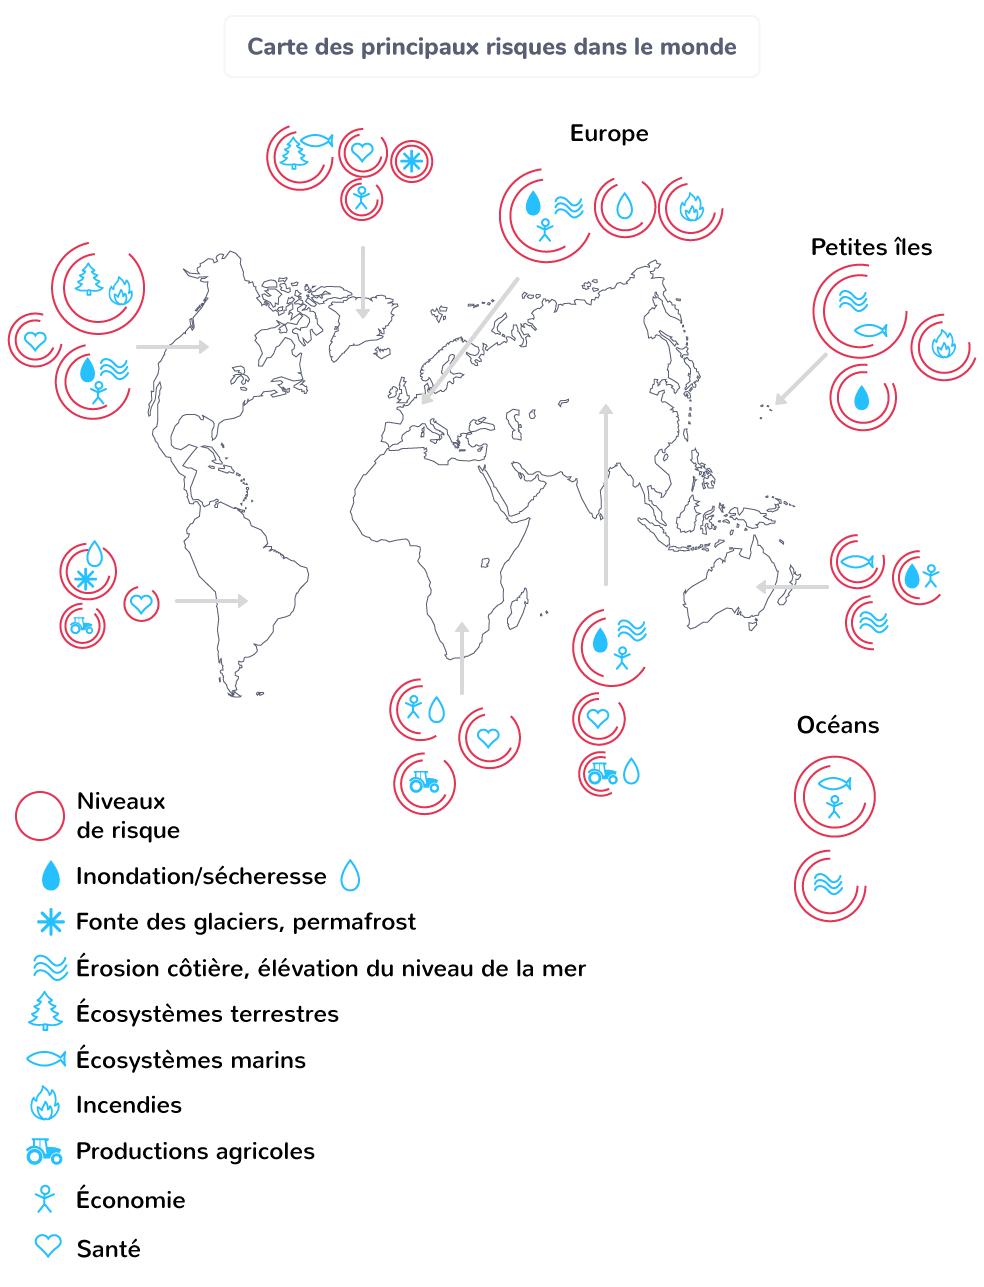 Carte des principaux risques dans le monde